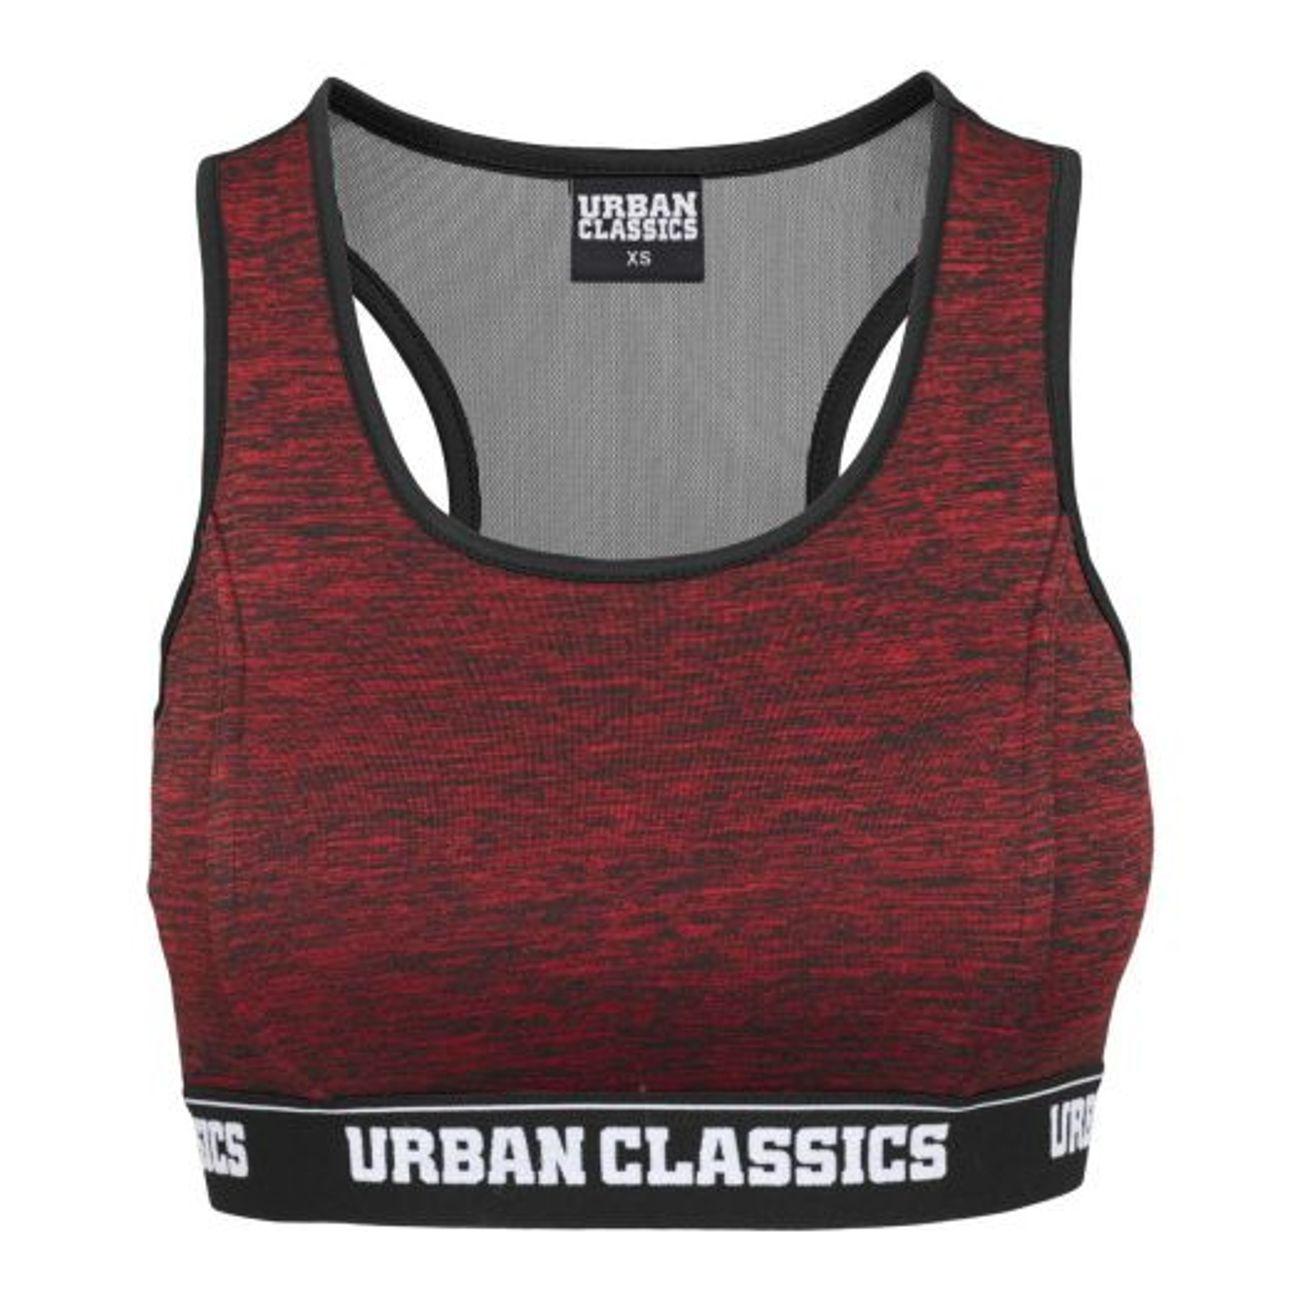 ... Mode- Lifestyle adulte URBAN CLASSICS Brassiere Urban Classics Logo Bra  Rouge et Noir ... 81d57da9d834